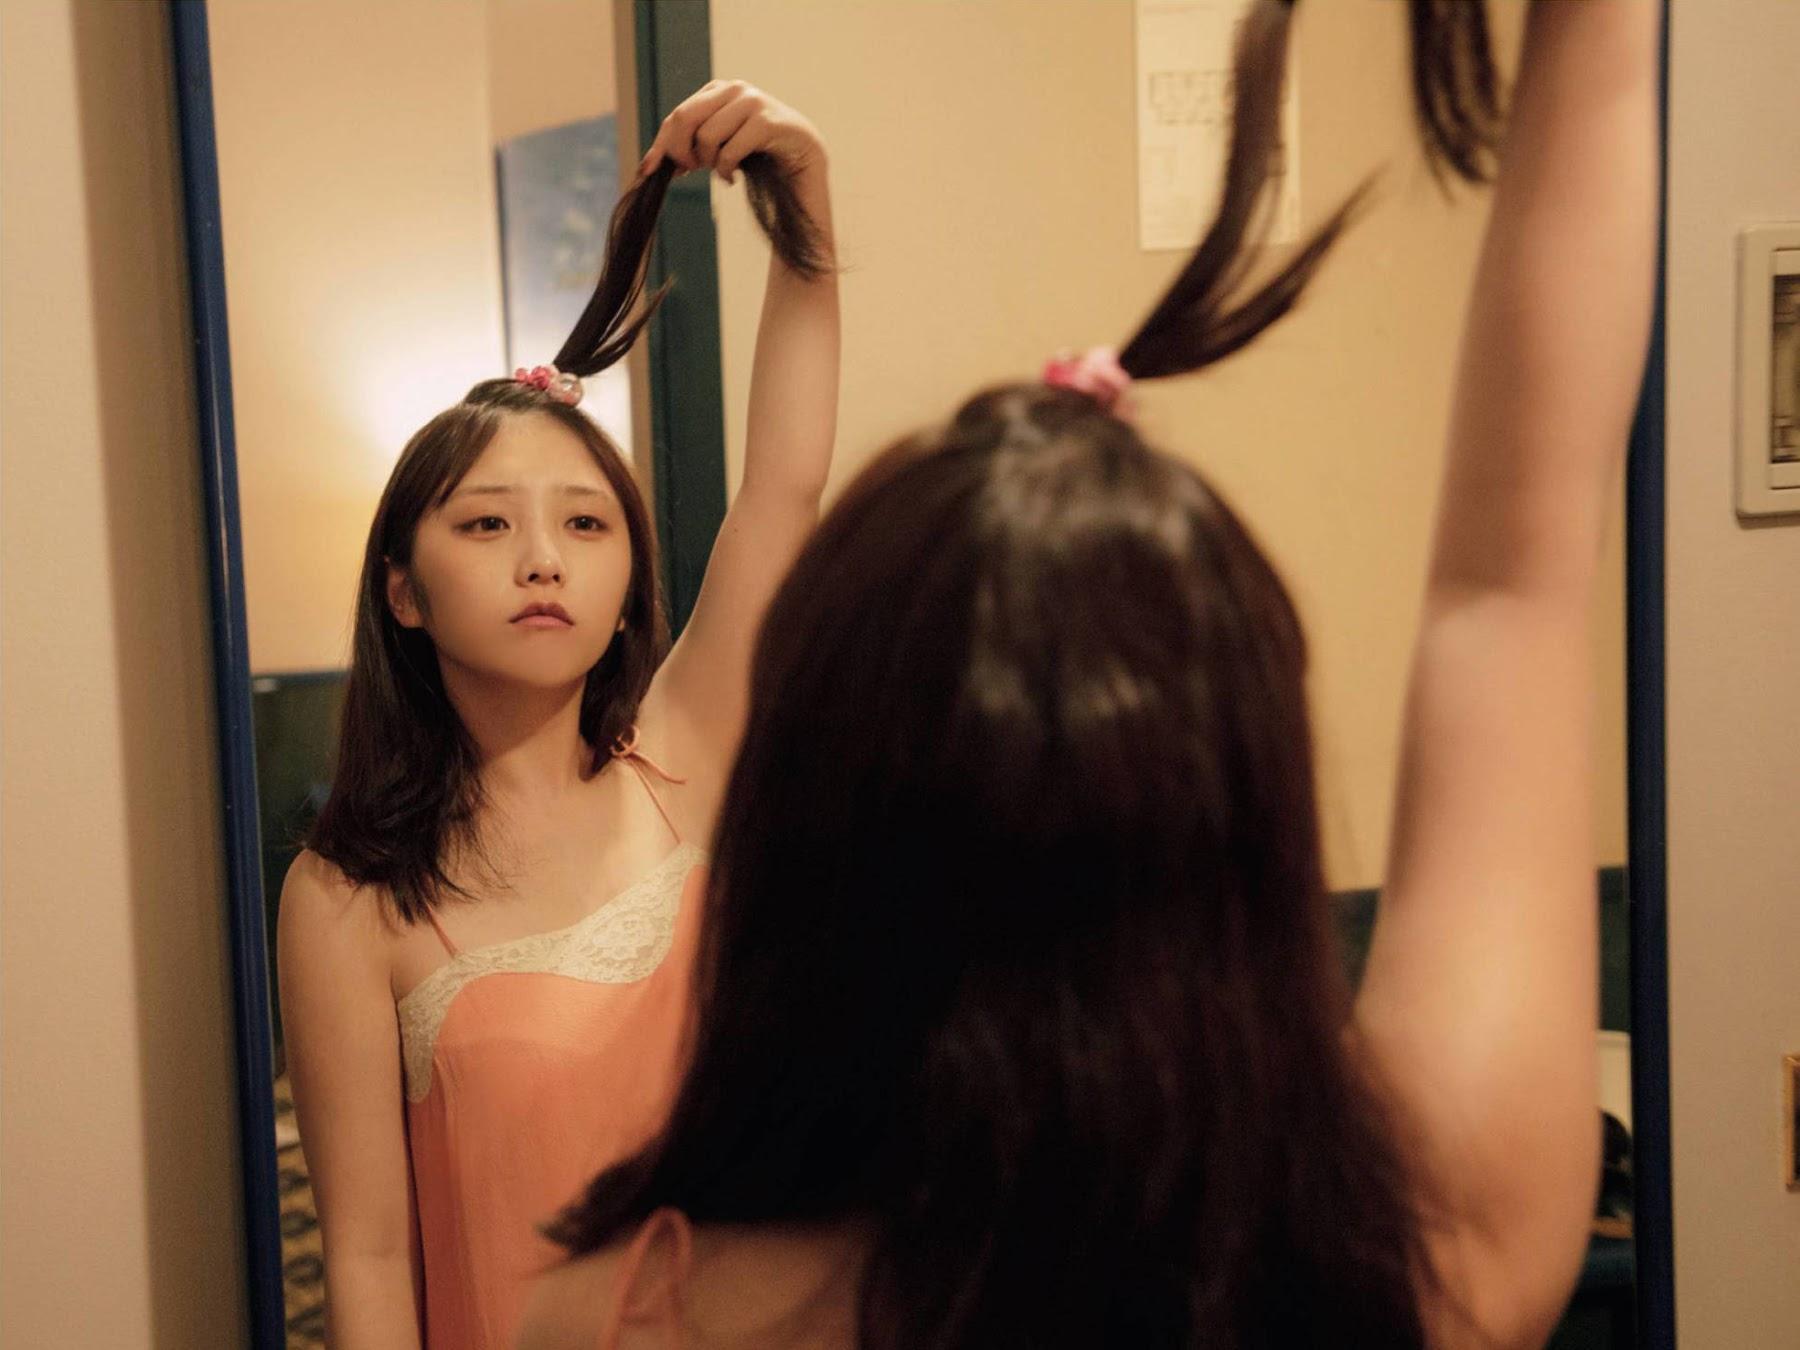 FLASH 2020.03.17 与田祐希 19岁、一个人的旅行